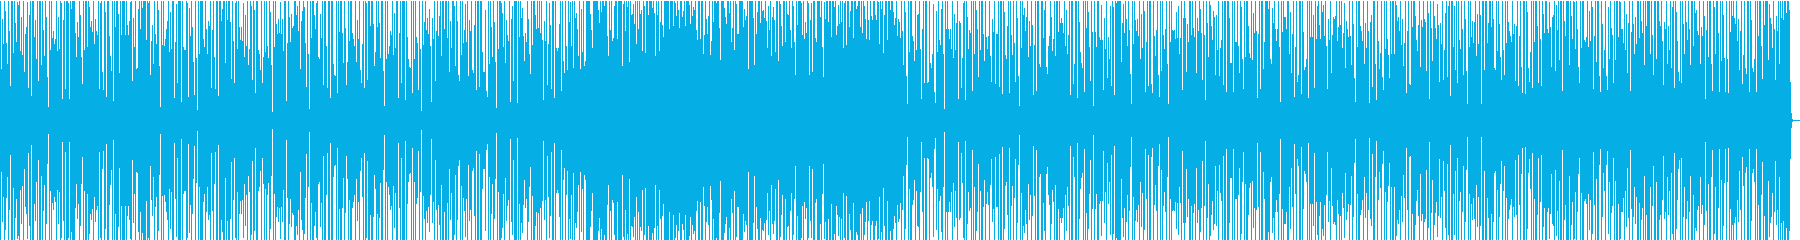 登場シーン向け・クールなギターリフの再生済みの波形